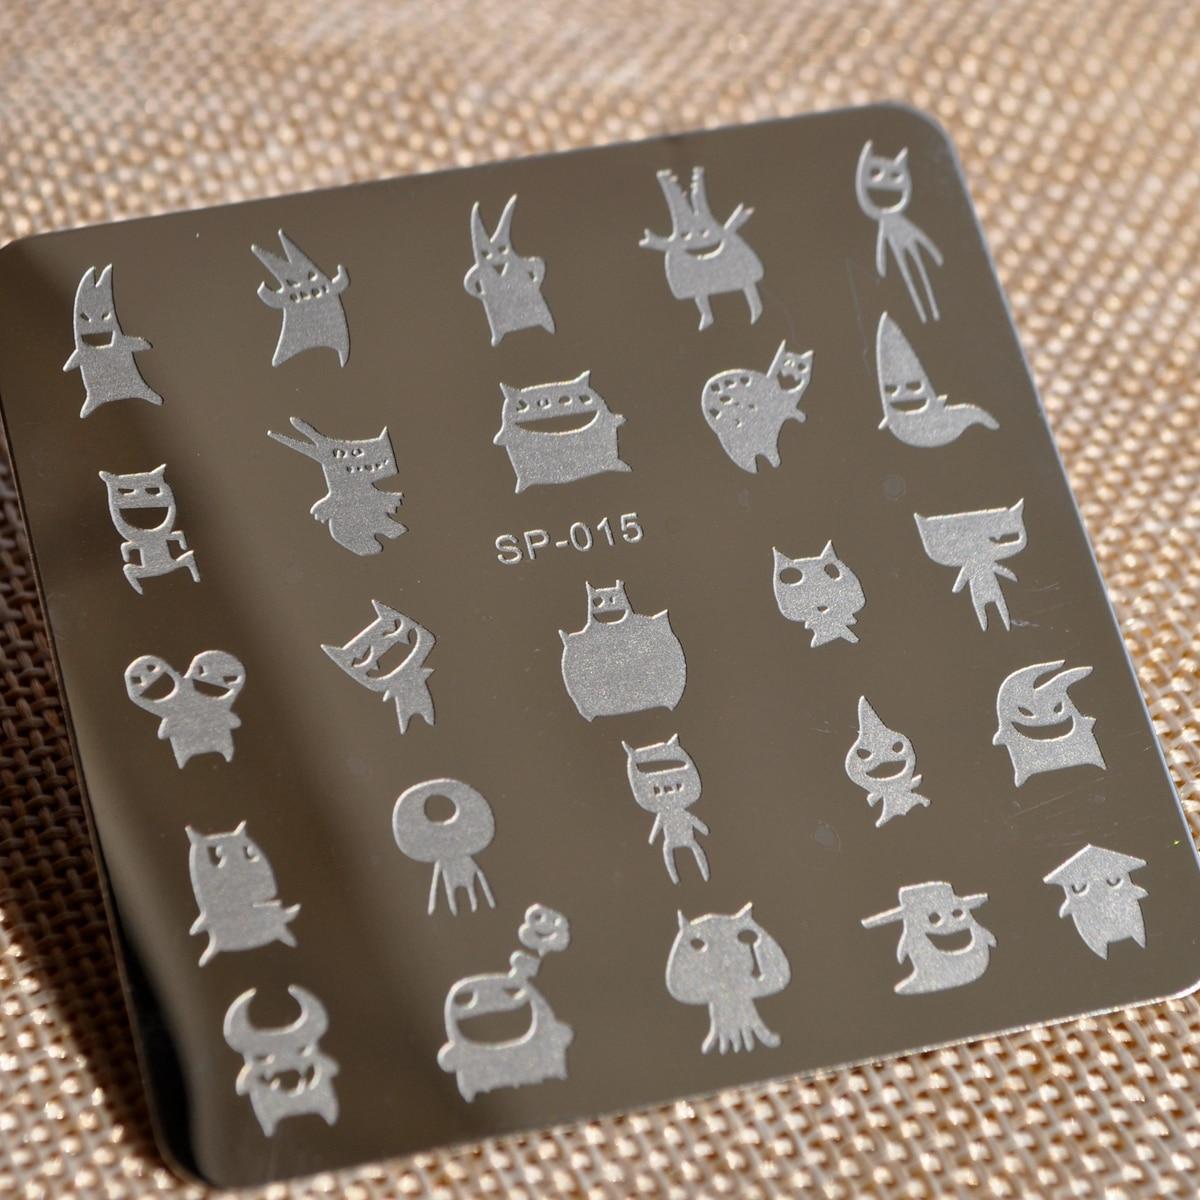 Forma cuadrada Harajuku expresión diseño placa dragón fantasma ...